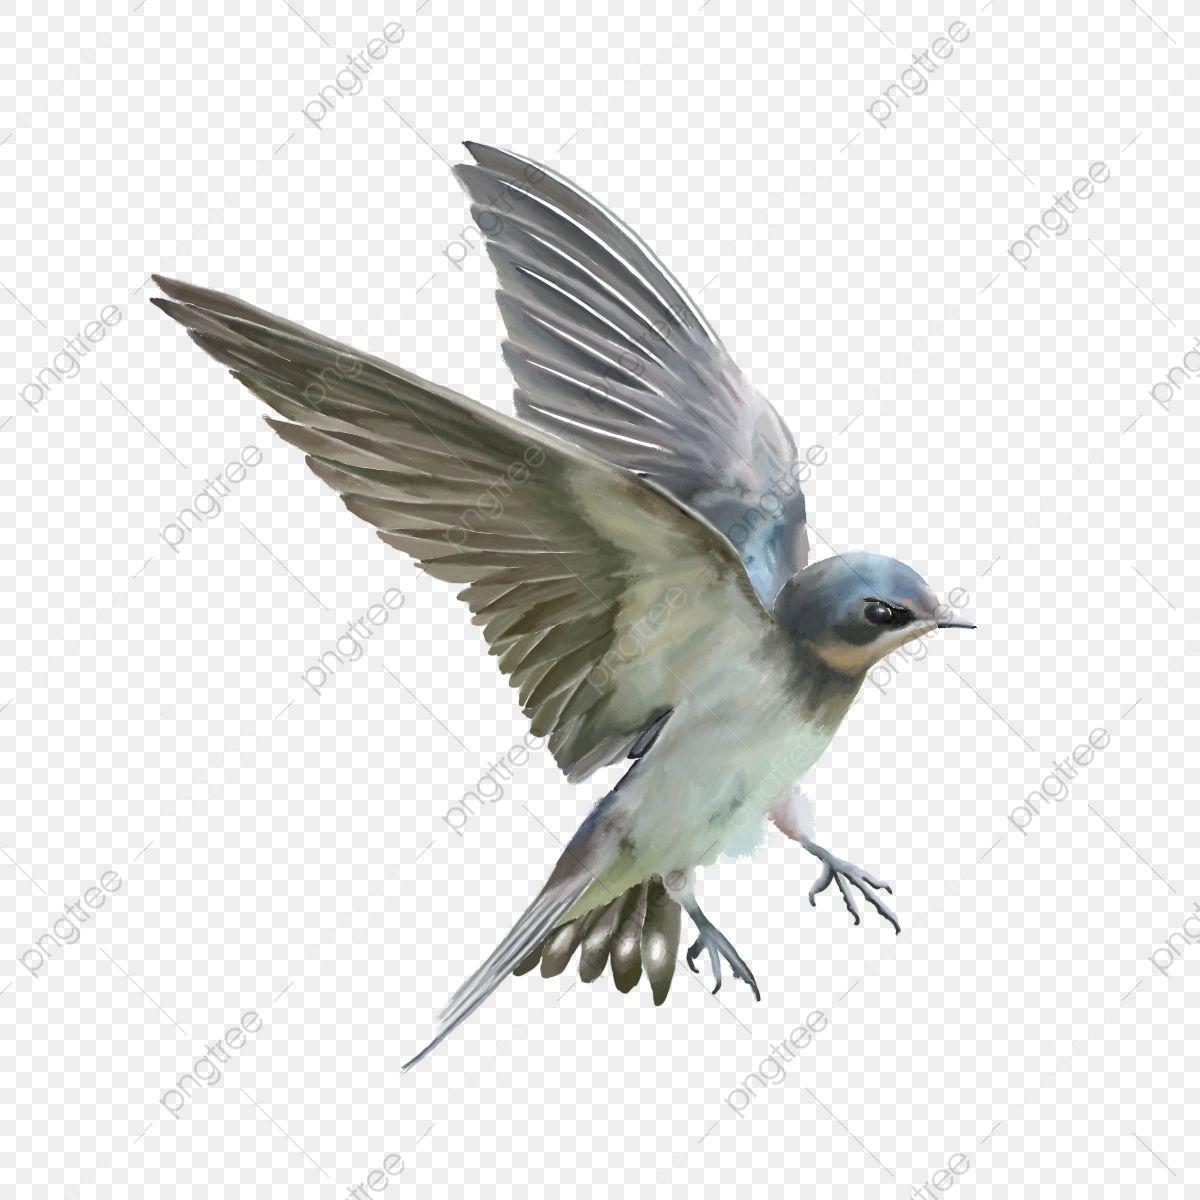 Passaro Voador Vivido Bonito Belo Passaro Passaro Voando Passaro Imagem Png E Psd Para Download Gratuito Passaros Voando Asas De Passaro Passarinho Png